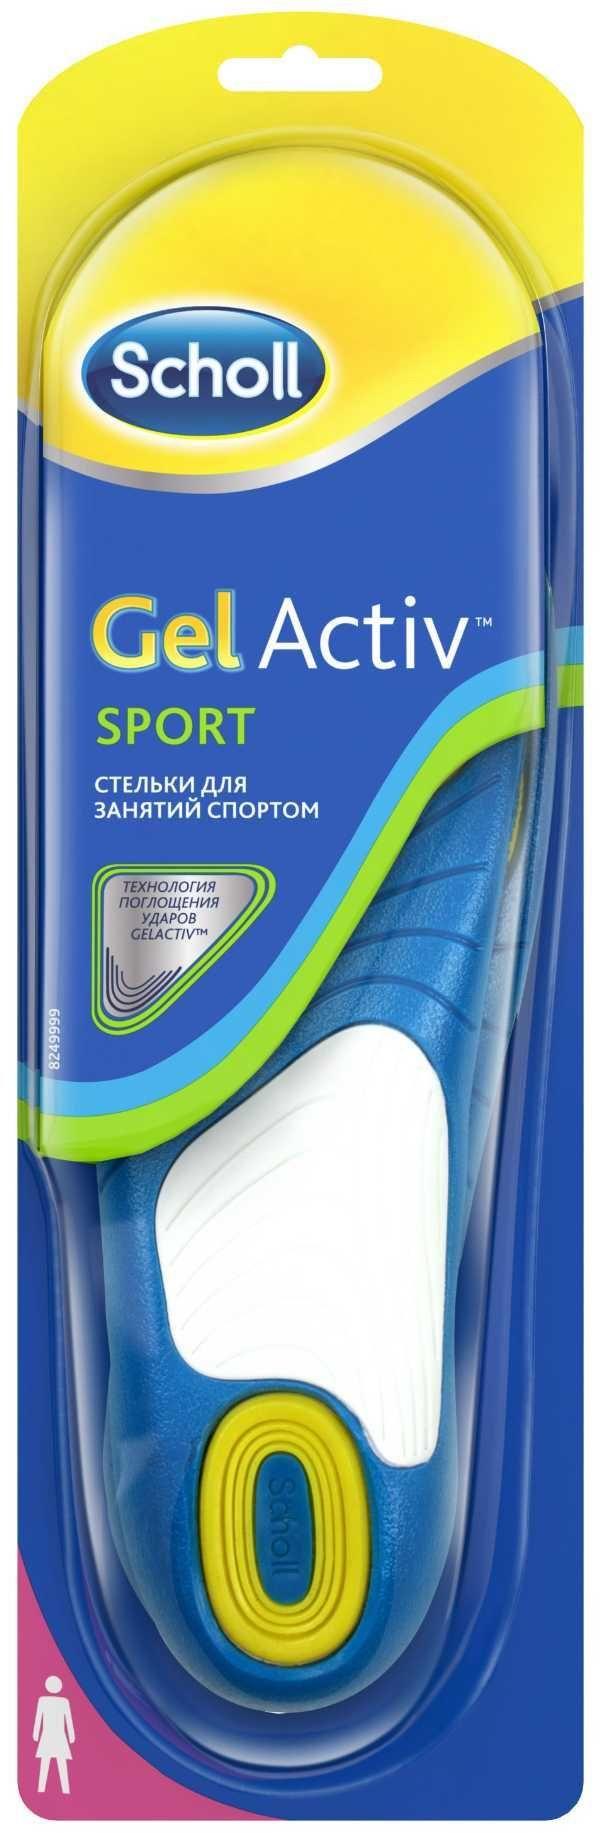 Scholl GelActiv стельки для занятий спортом женские, женские, 2 шт.